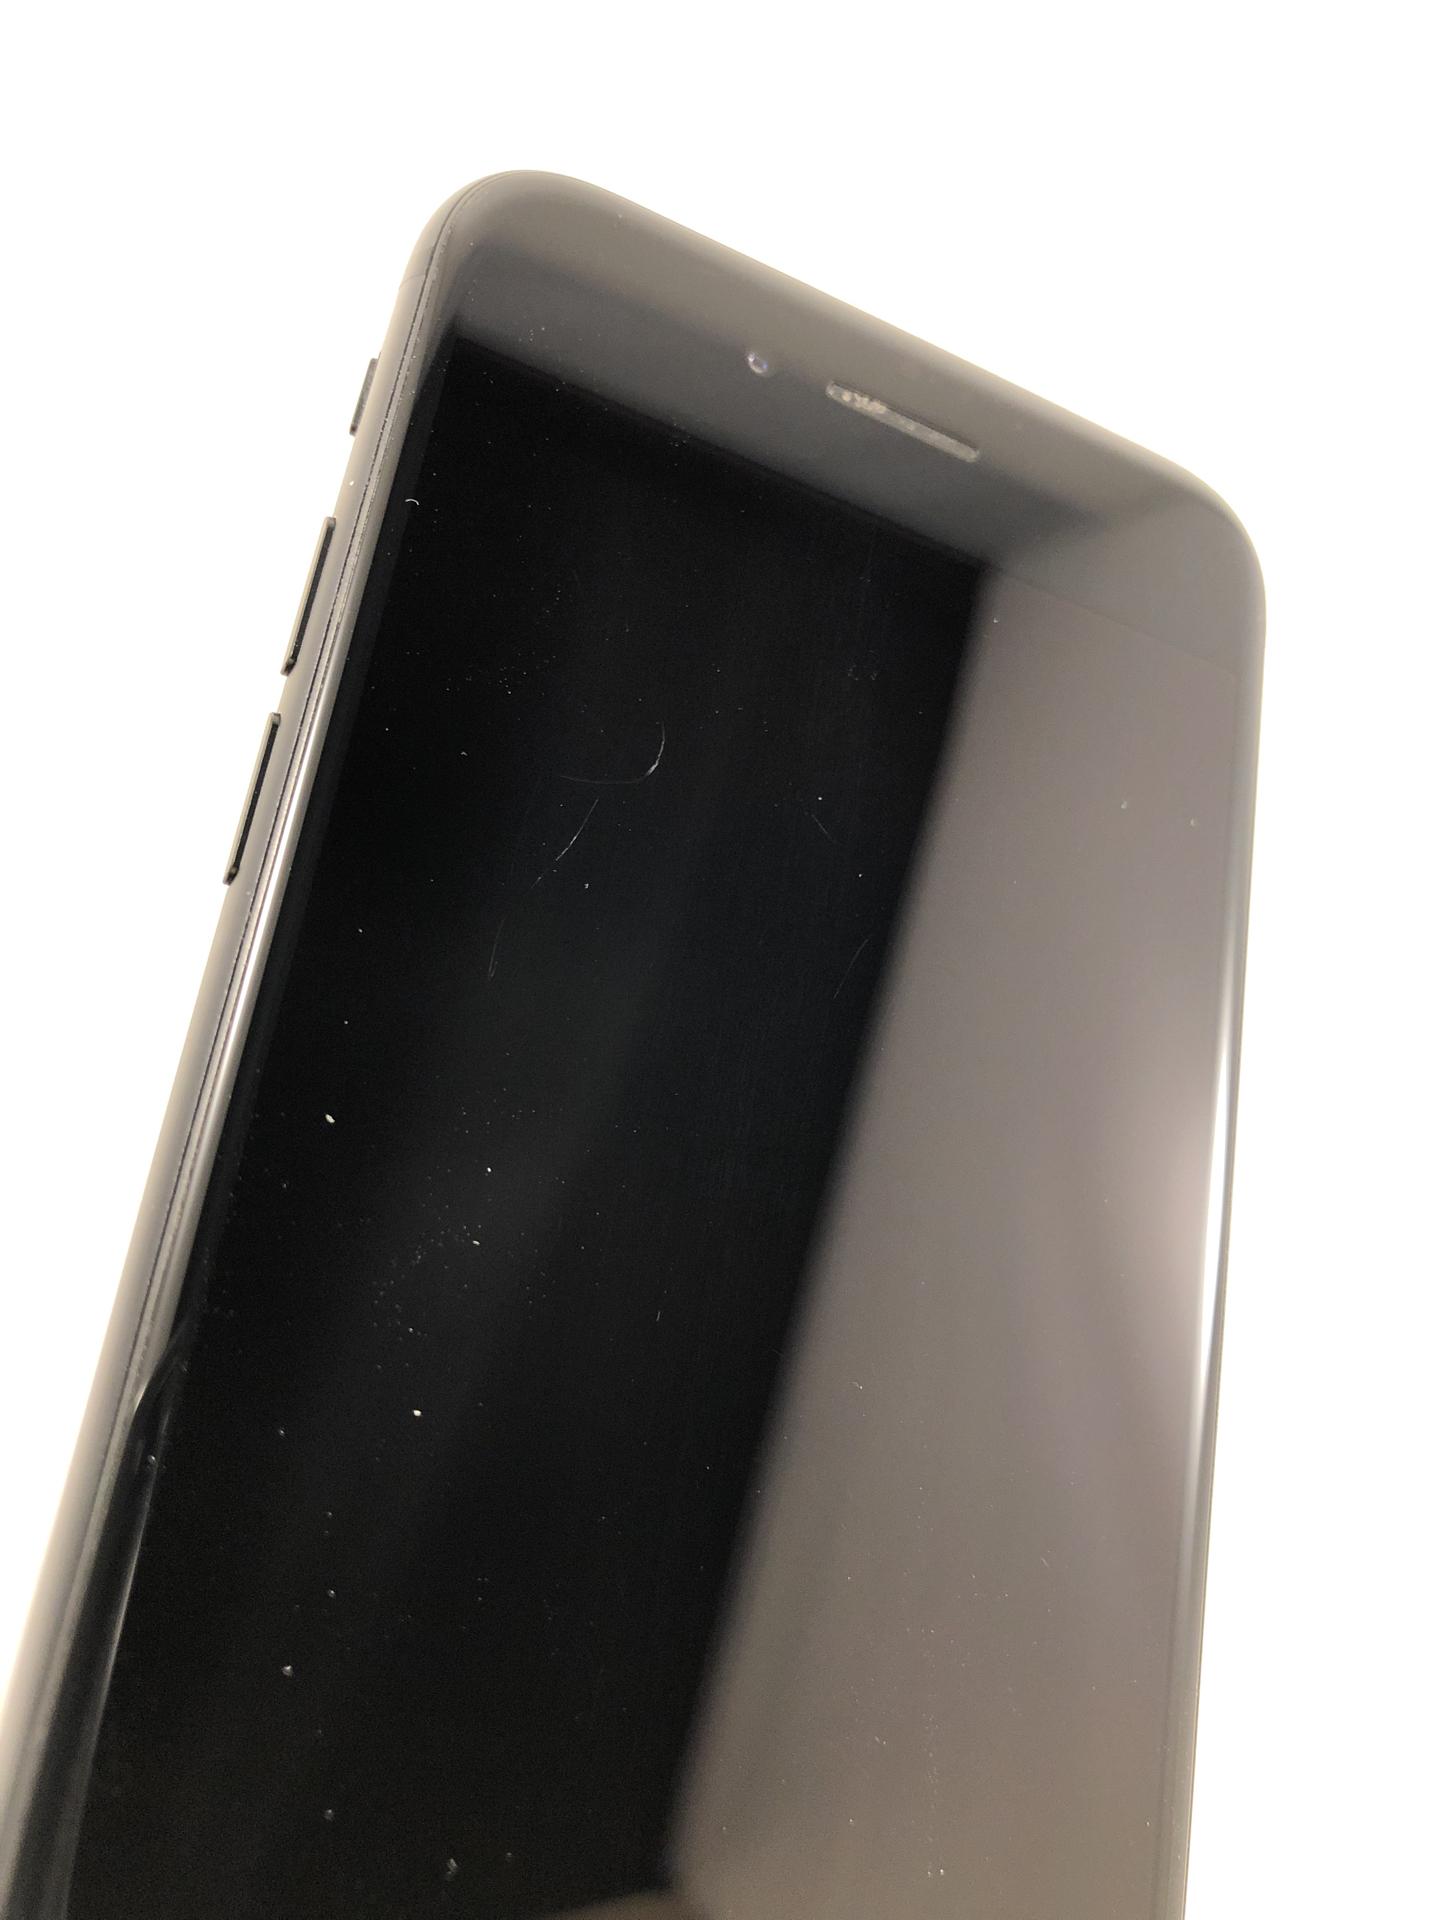 iPhone 7 256GB, 256GB, Black, image 3